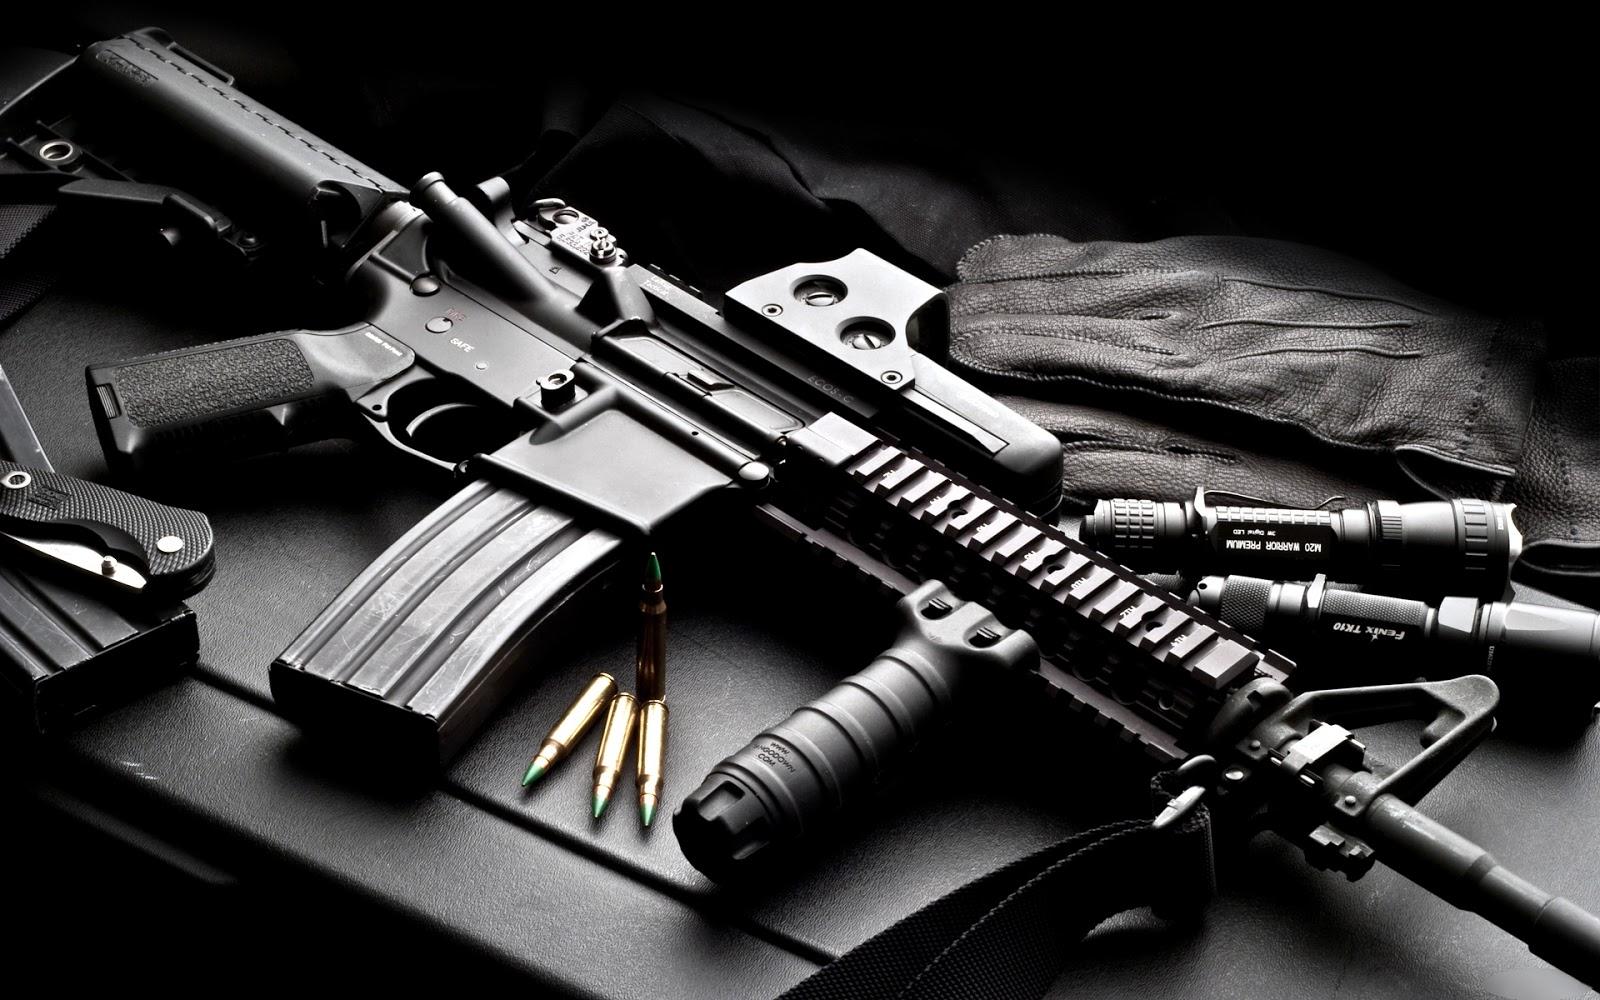 В Новой Зеландии изменят закон об оружии, после теракта в мечетях